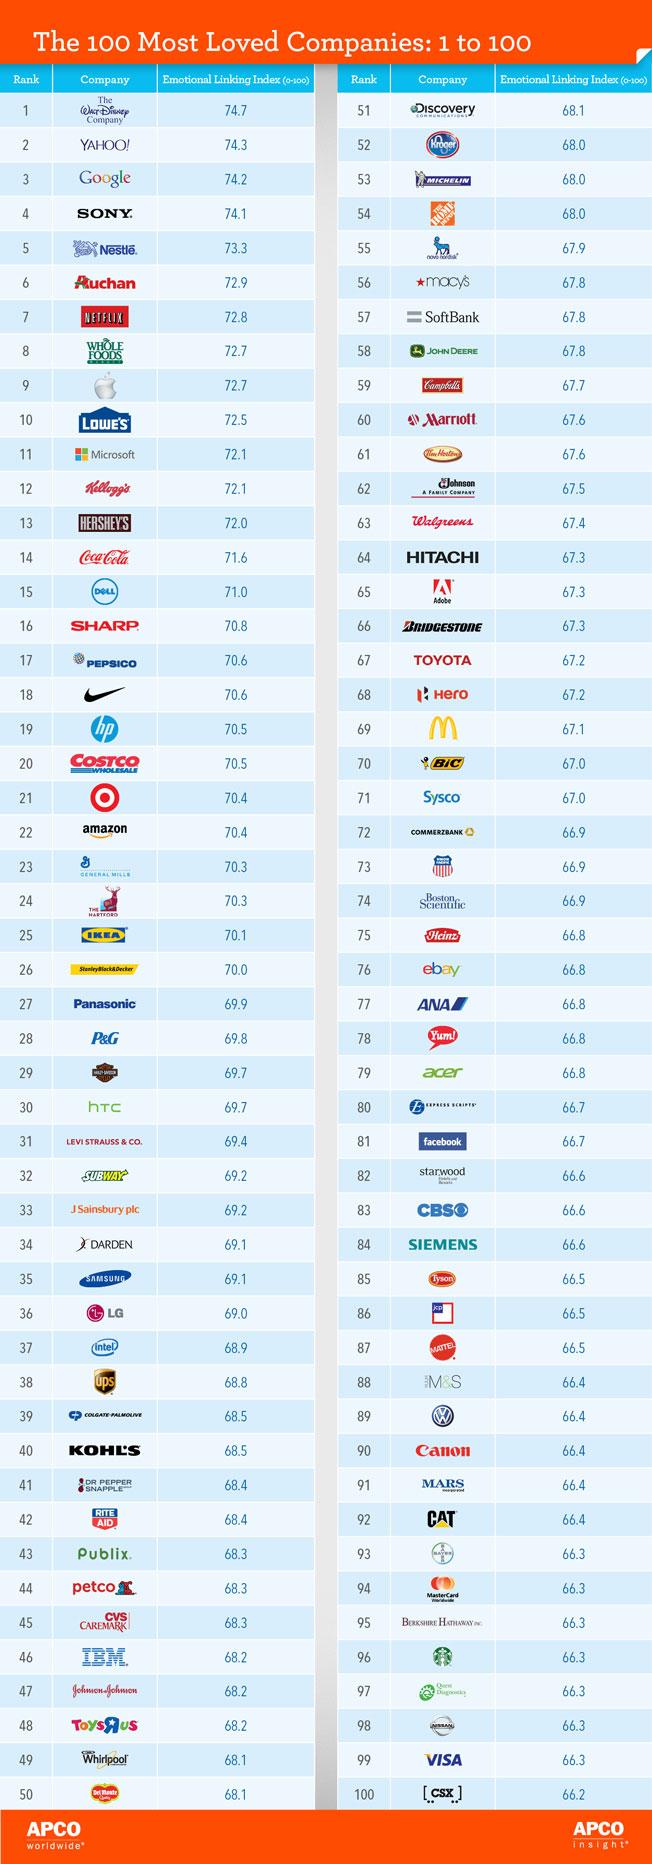 las 100 marcas mas amadas del mundo